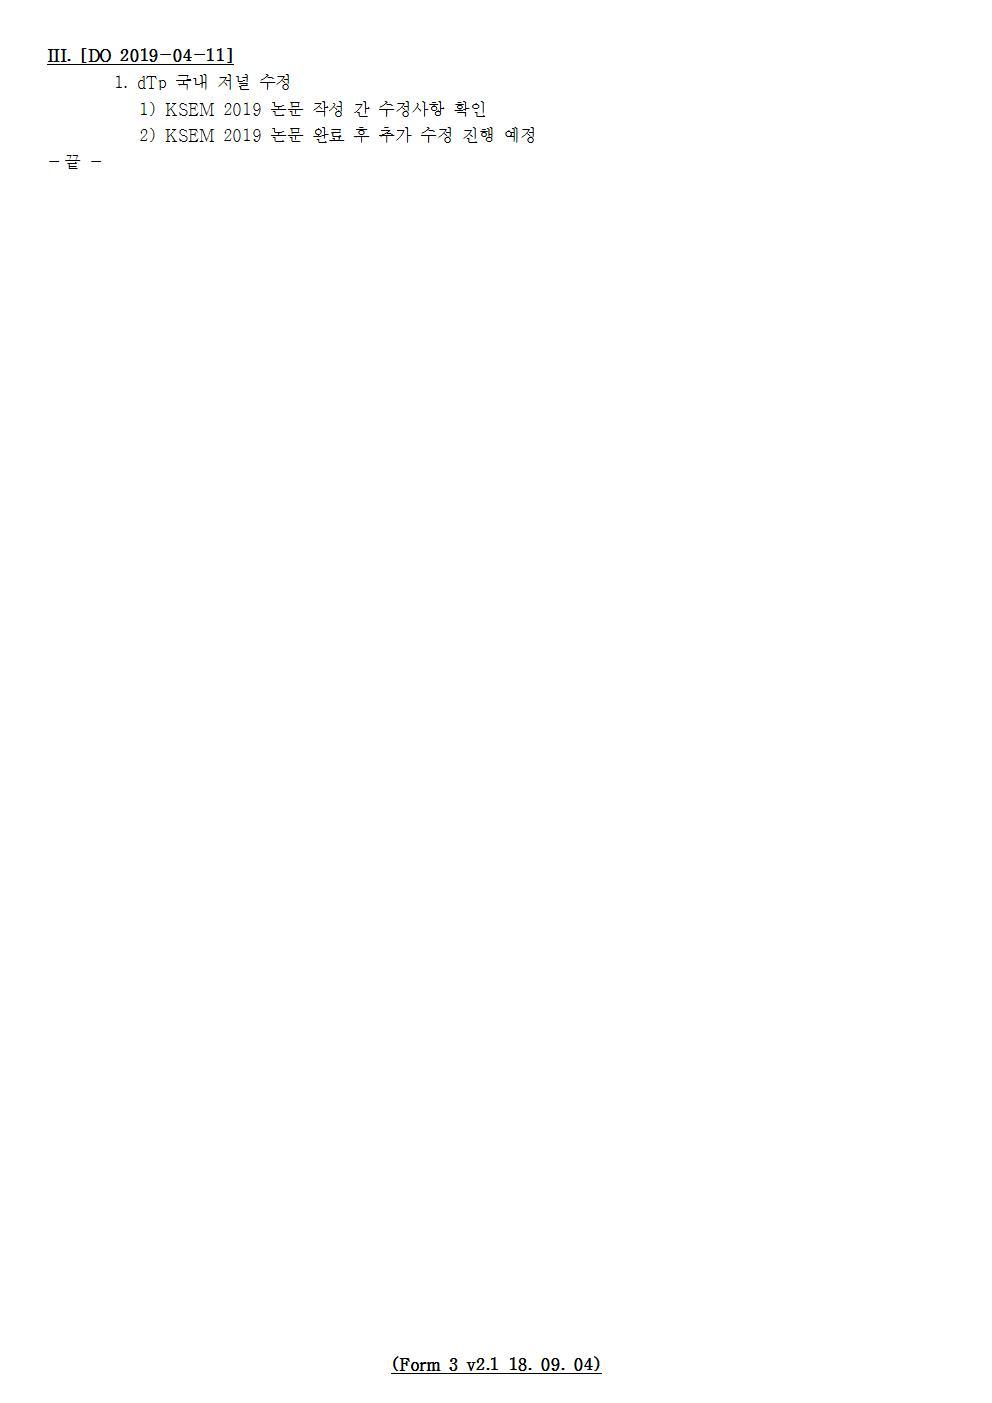 D-[19-012-PP-04]-[dTp-국내]-[2019-04-11][JS]002.jpg